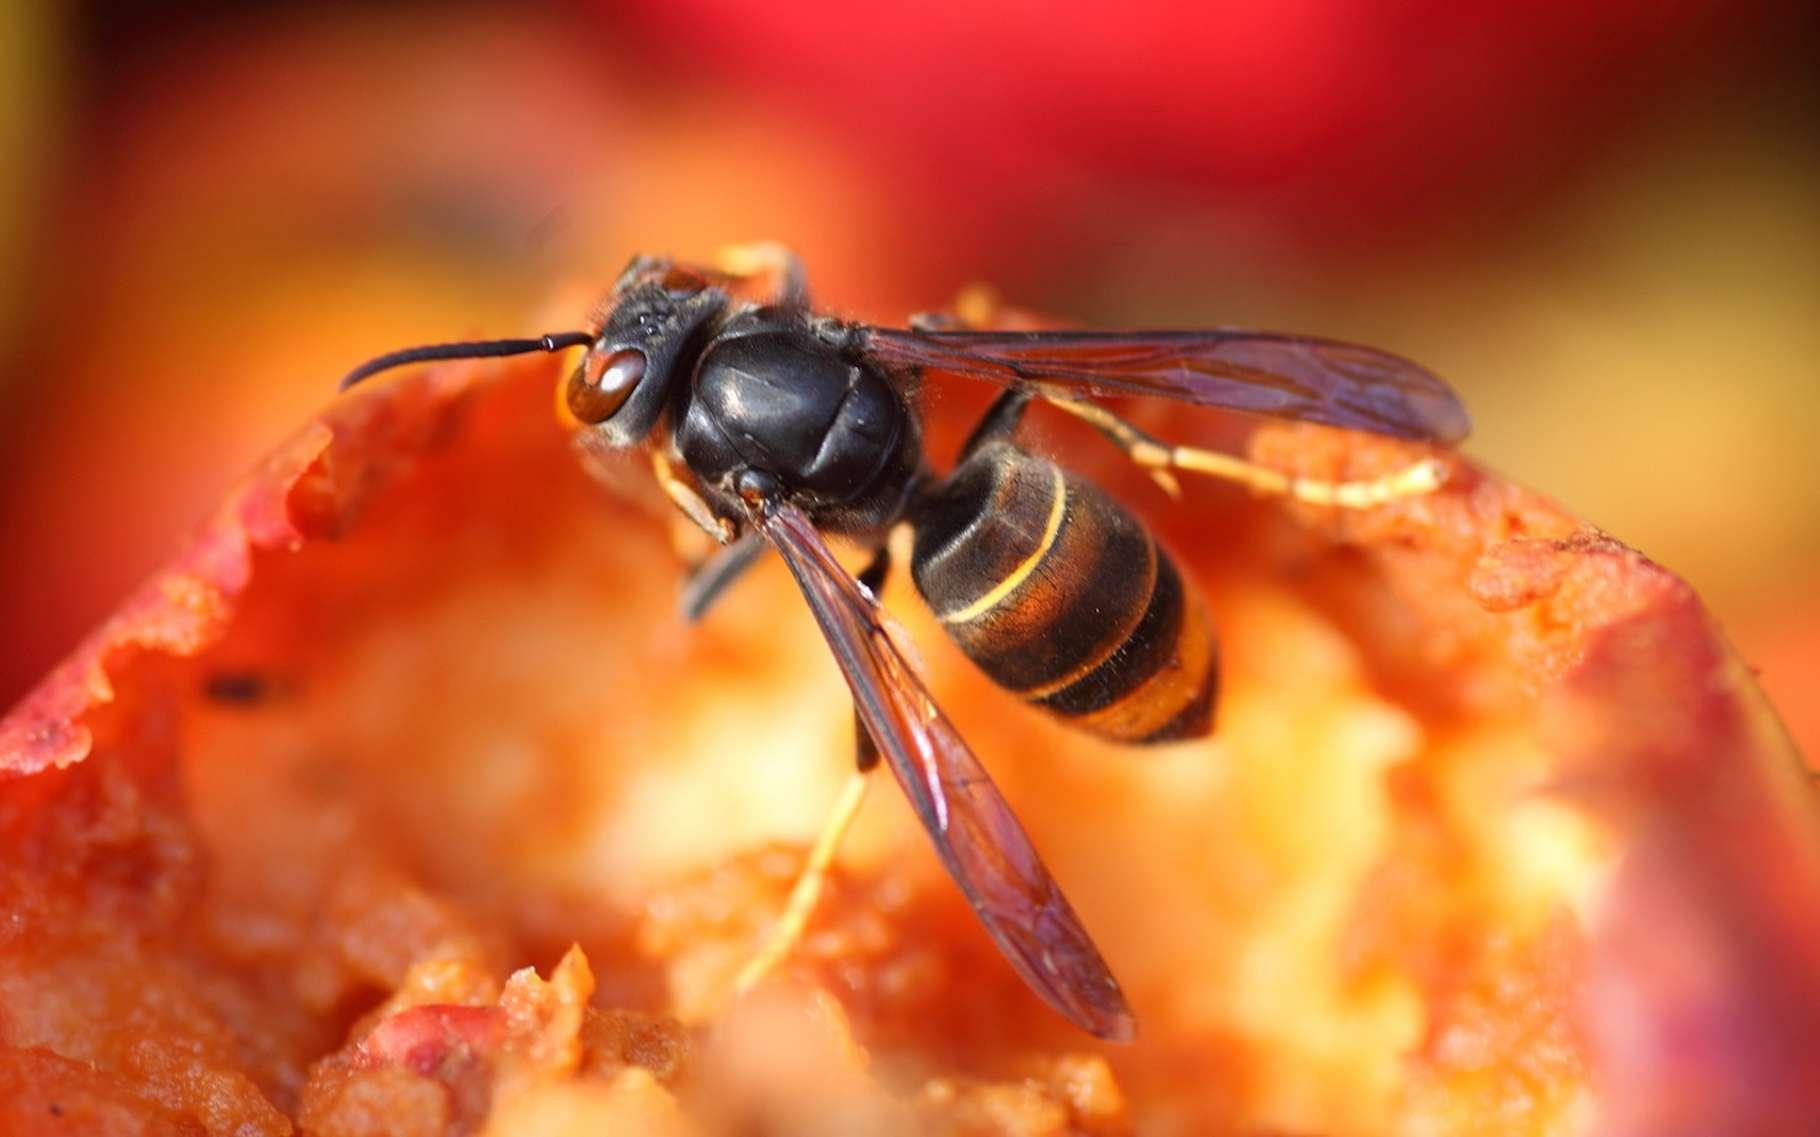 Les frelons asiatiques, tueurs d'abeilles, peuvent aussi être dangereux pour l'homme. Mais il existe quelques astuces pour éviter les piqûres. © galam, Fotolia